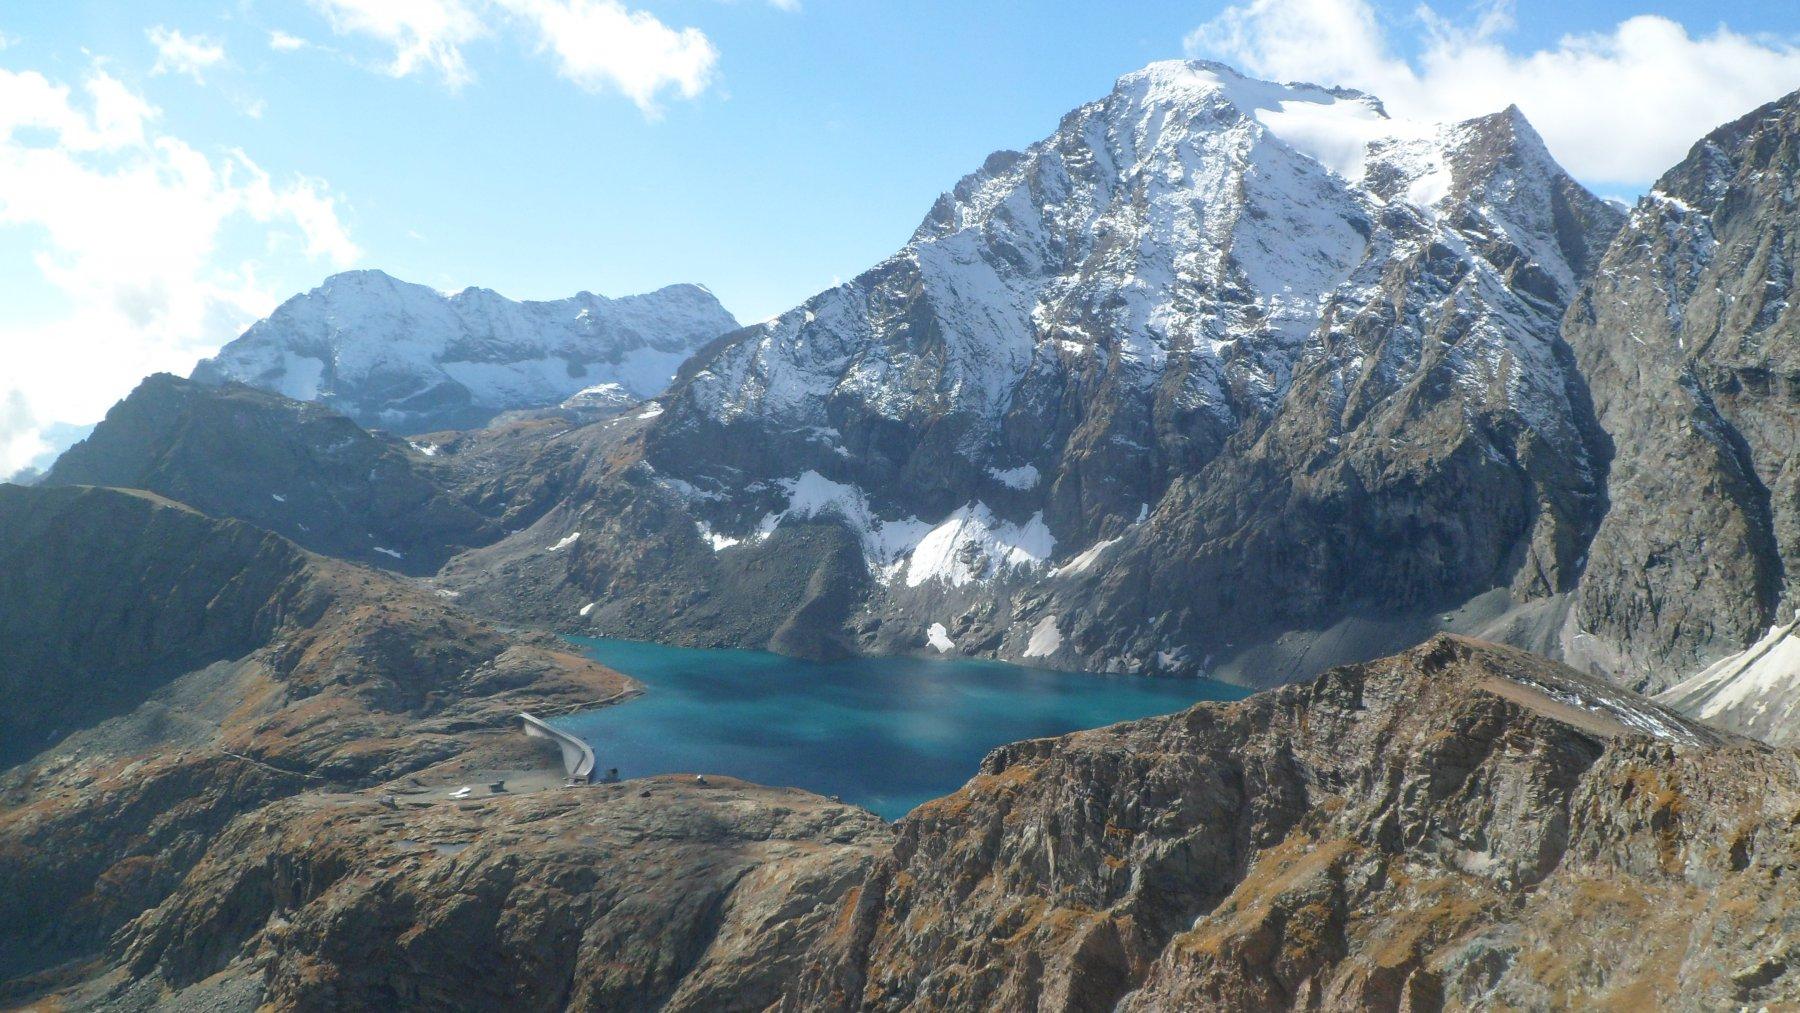 Fortino (Punta), Cresta del Fort dall'Alpe Barnas per il Lago della Rossa 2016-10-02